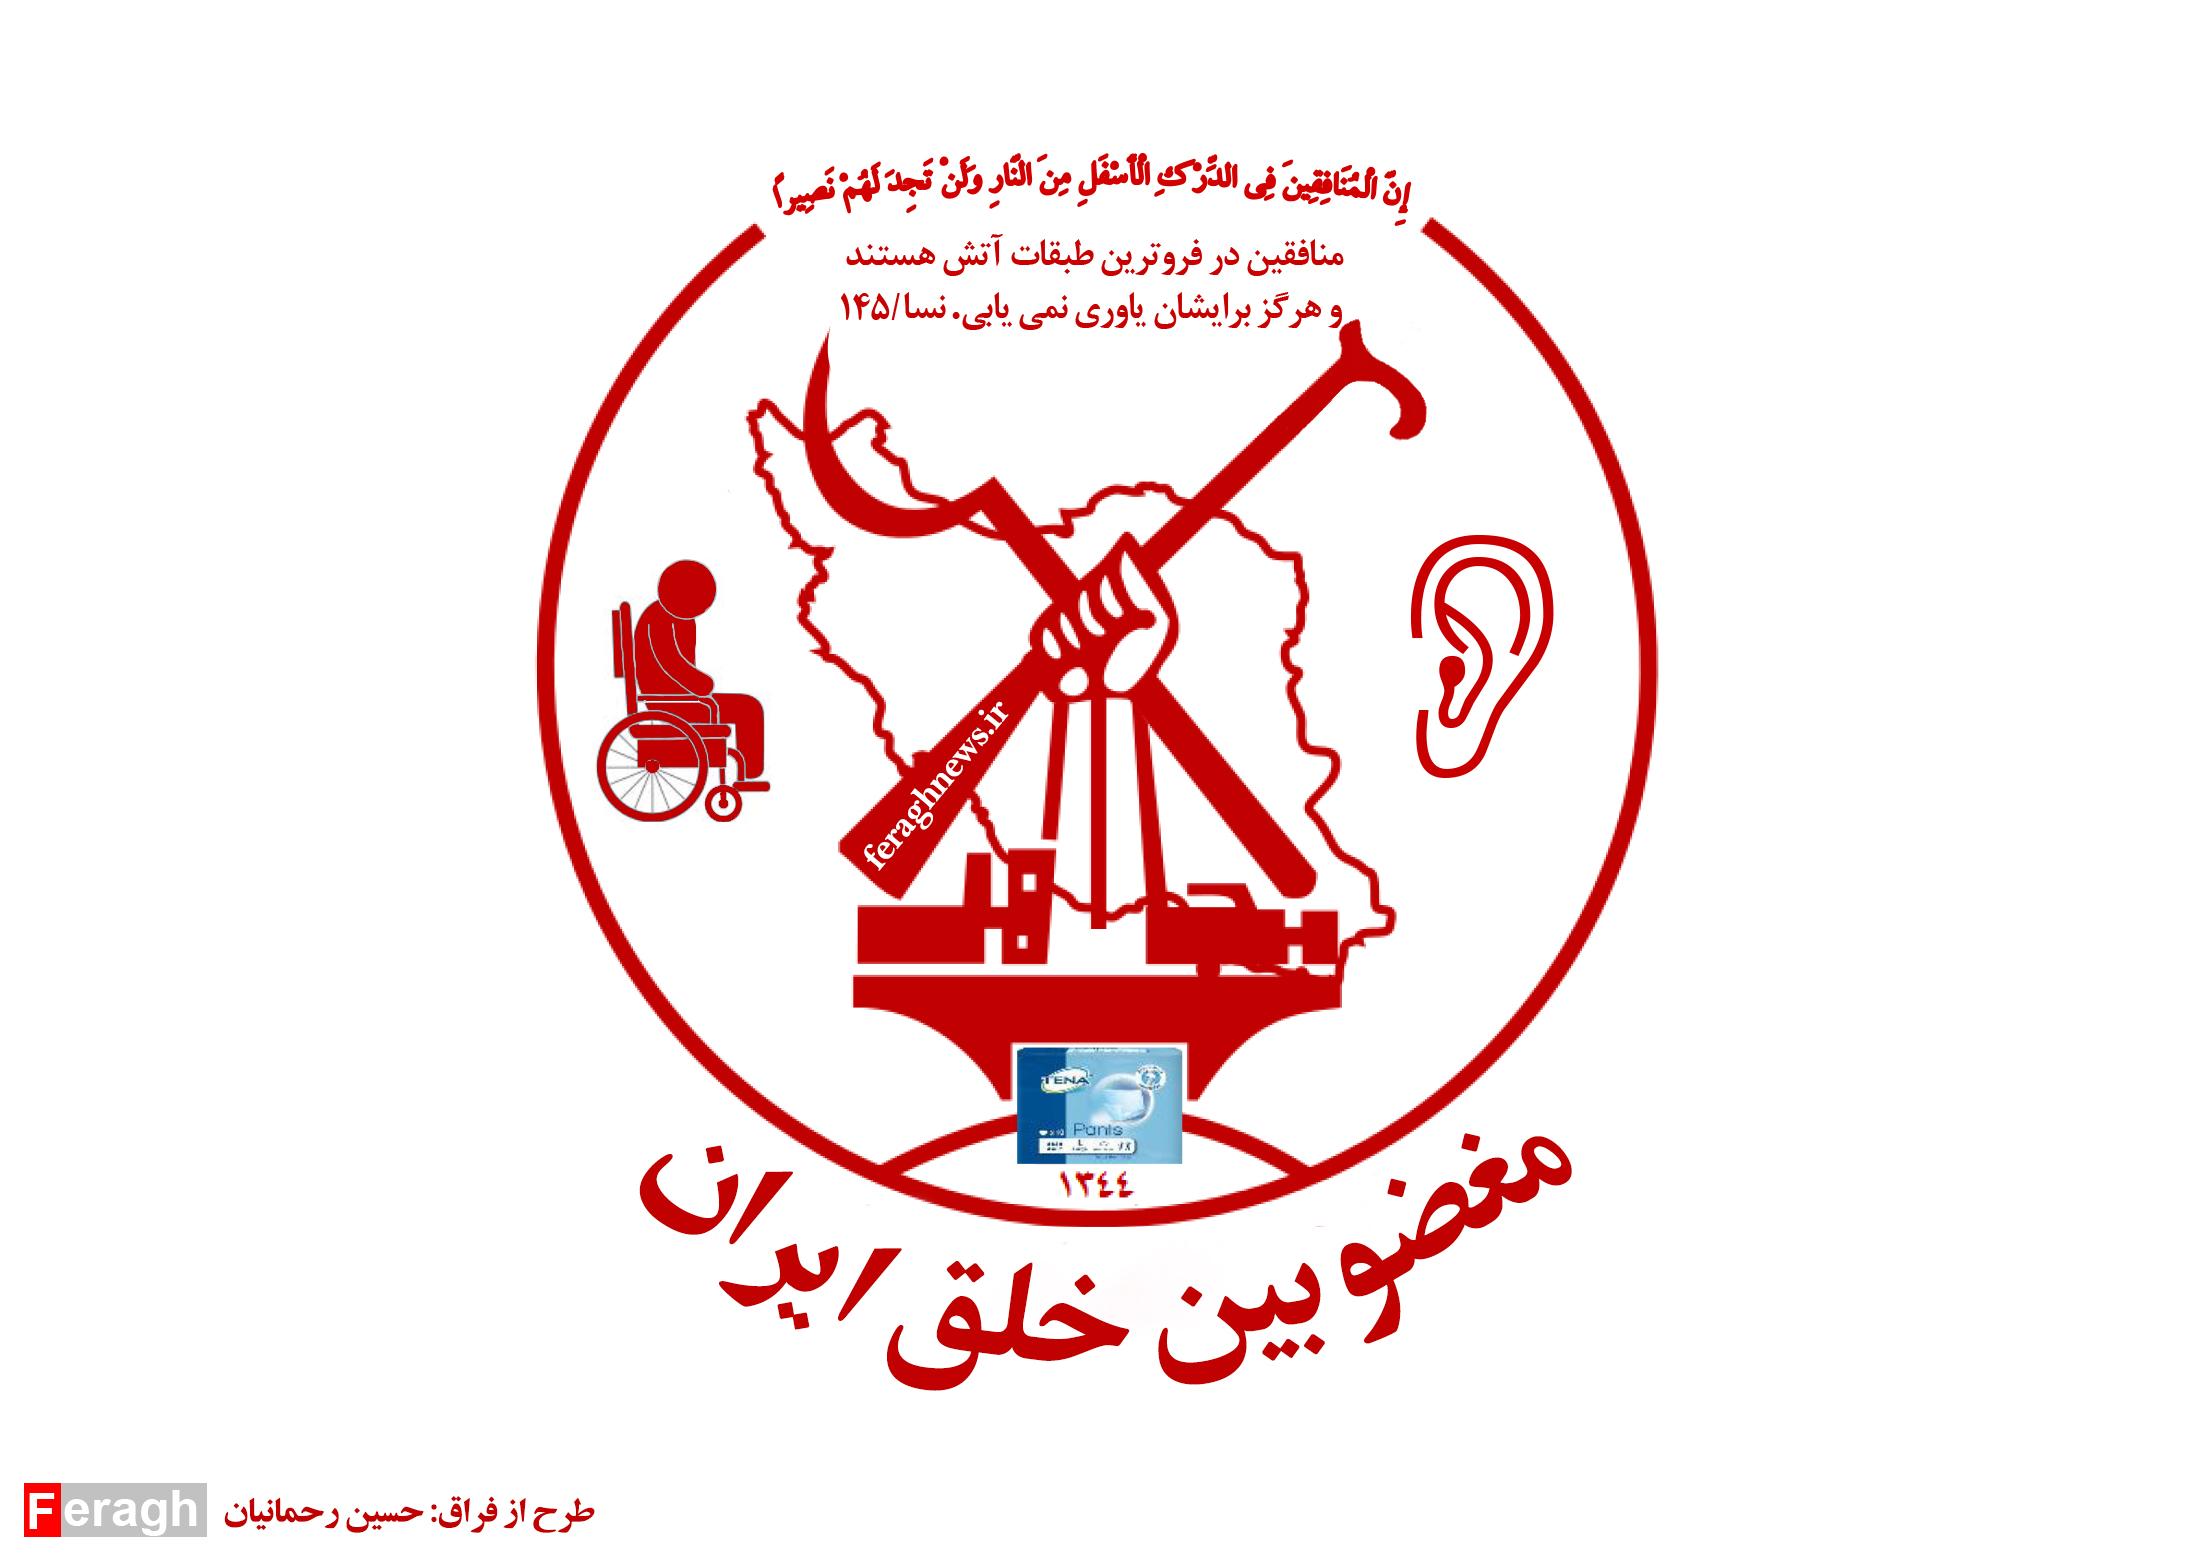 نقش فرقه رجوی در حمله به سفارتخانههای ایران در دهه ۶۰